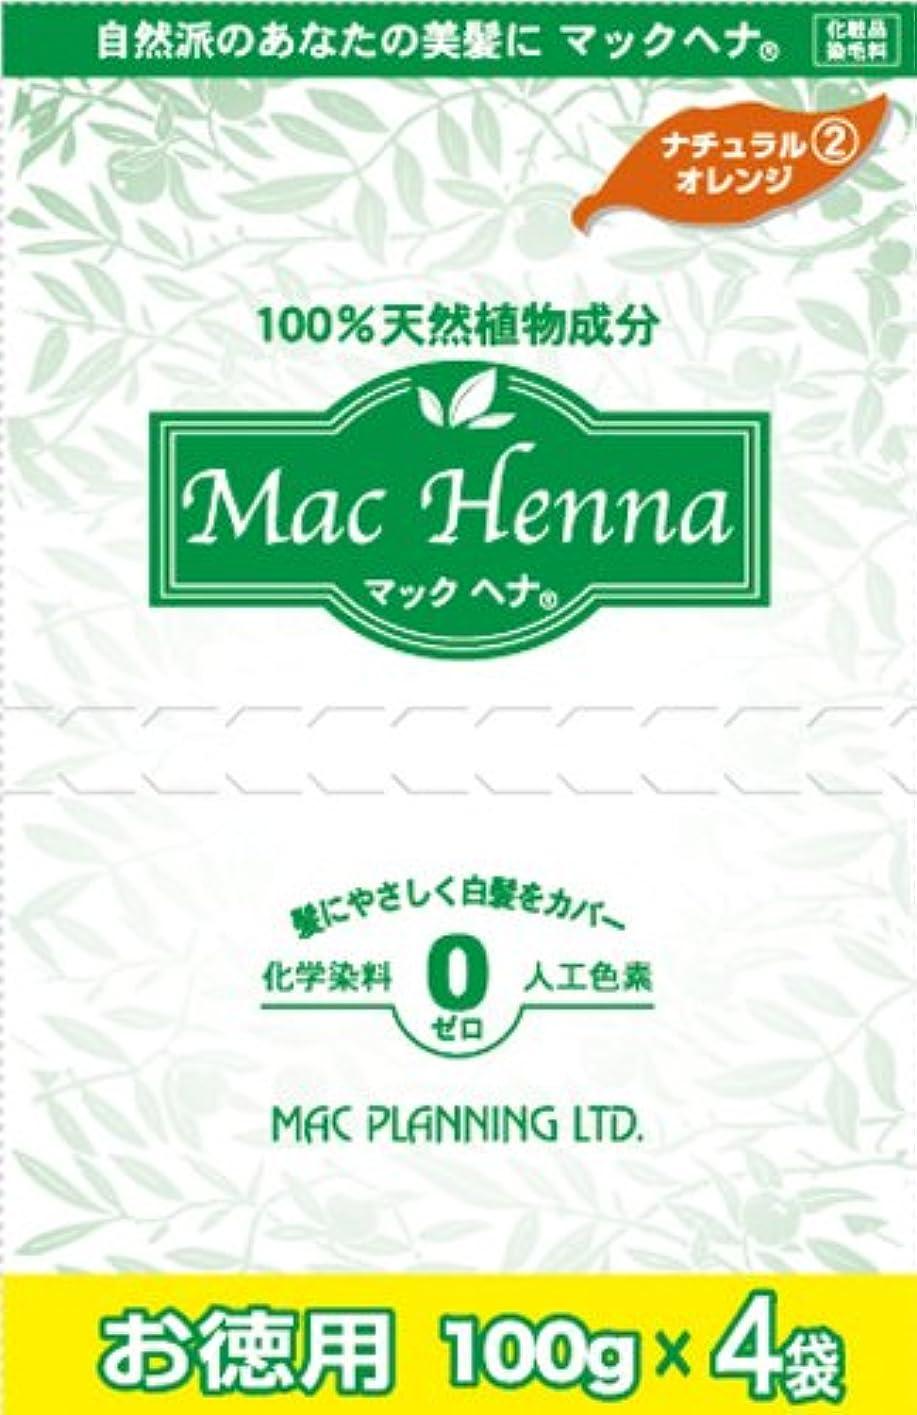 フレアにやにや電子レンジ天然植物原料100% 無添加 マックヘナ お徳用(ナチュラルオレンジ)-2  400g(100g×4袋) 2箱セット